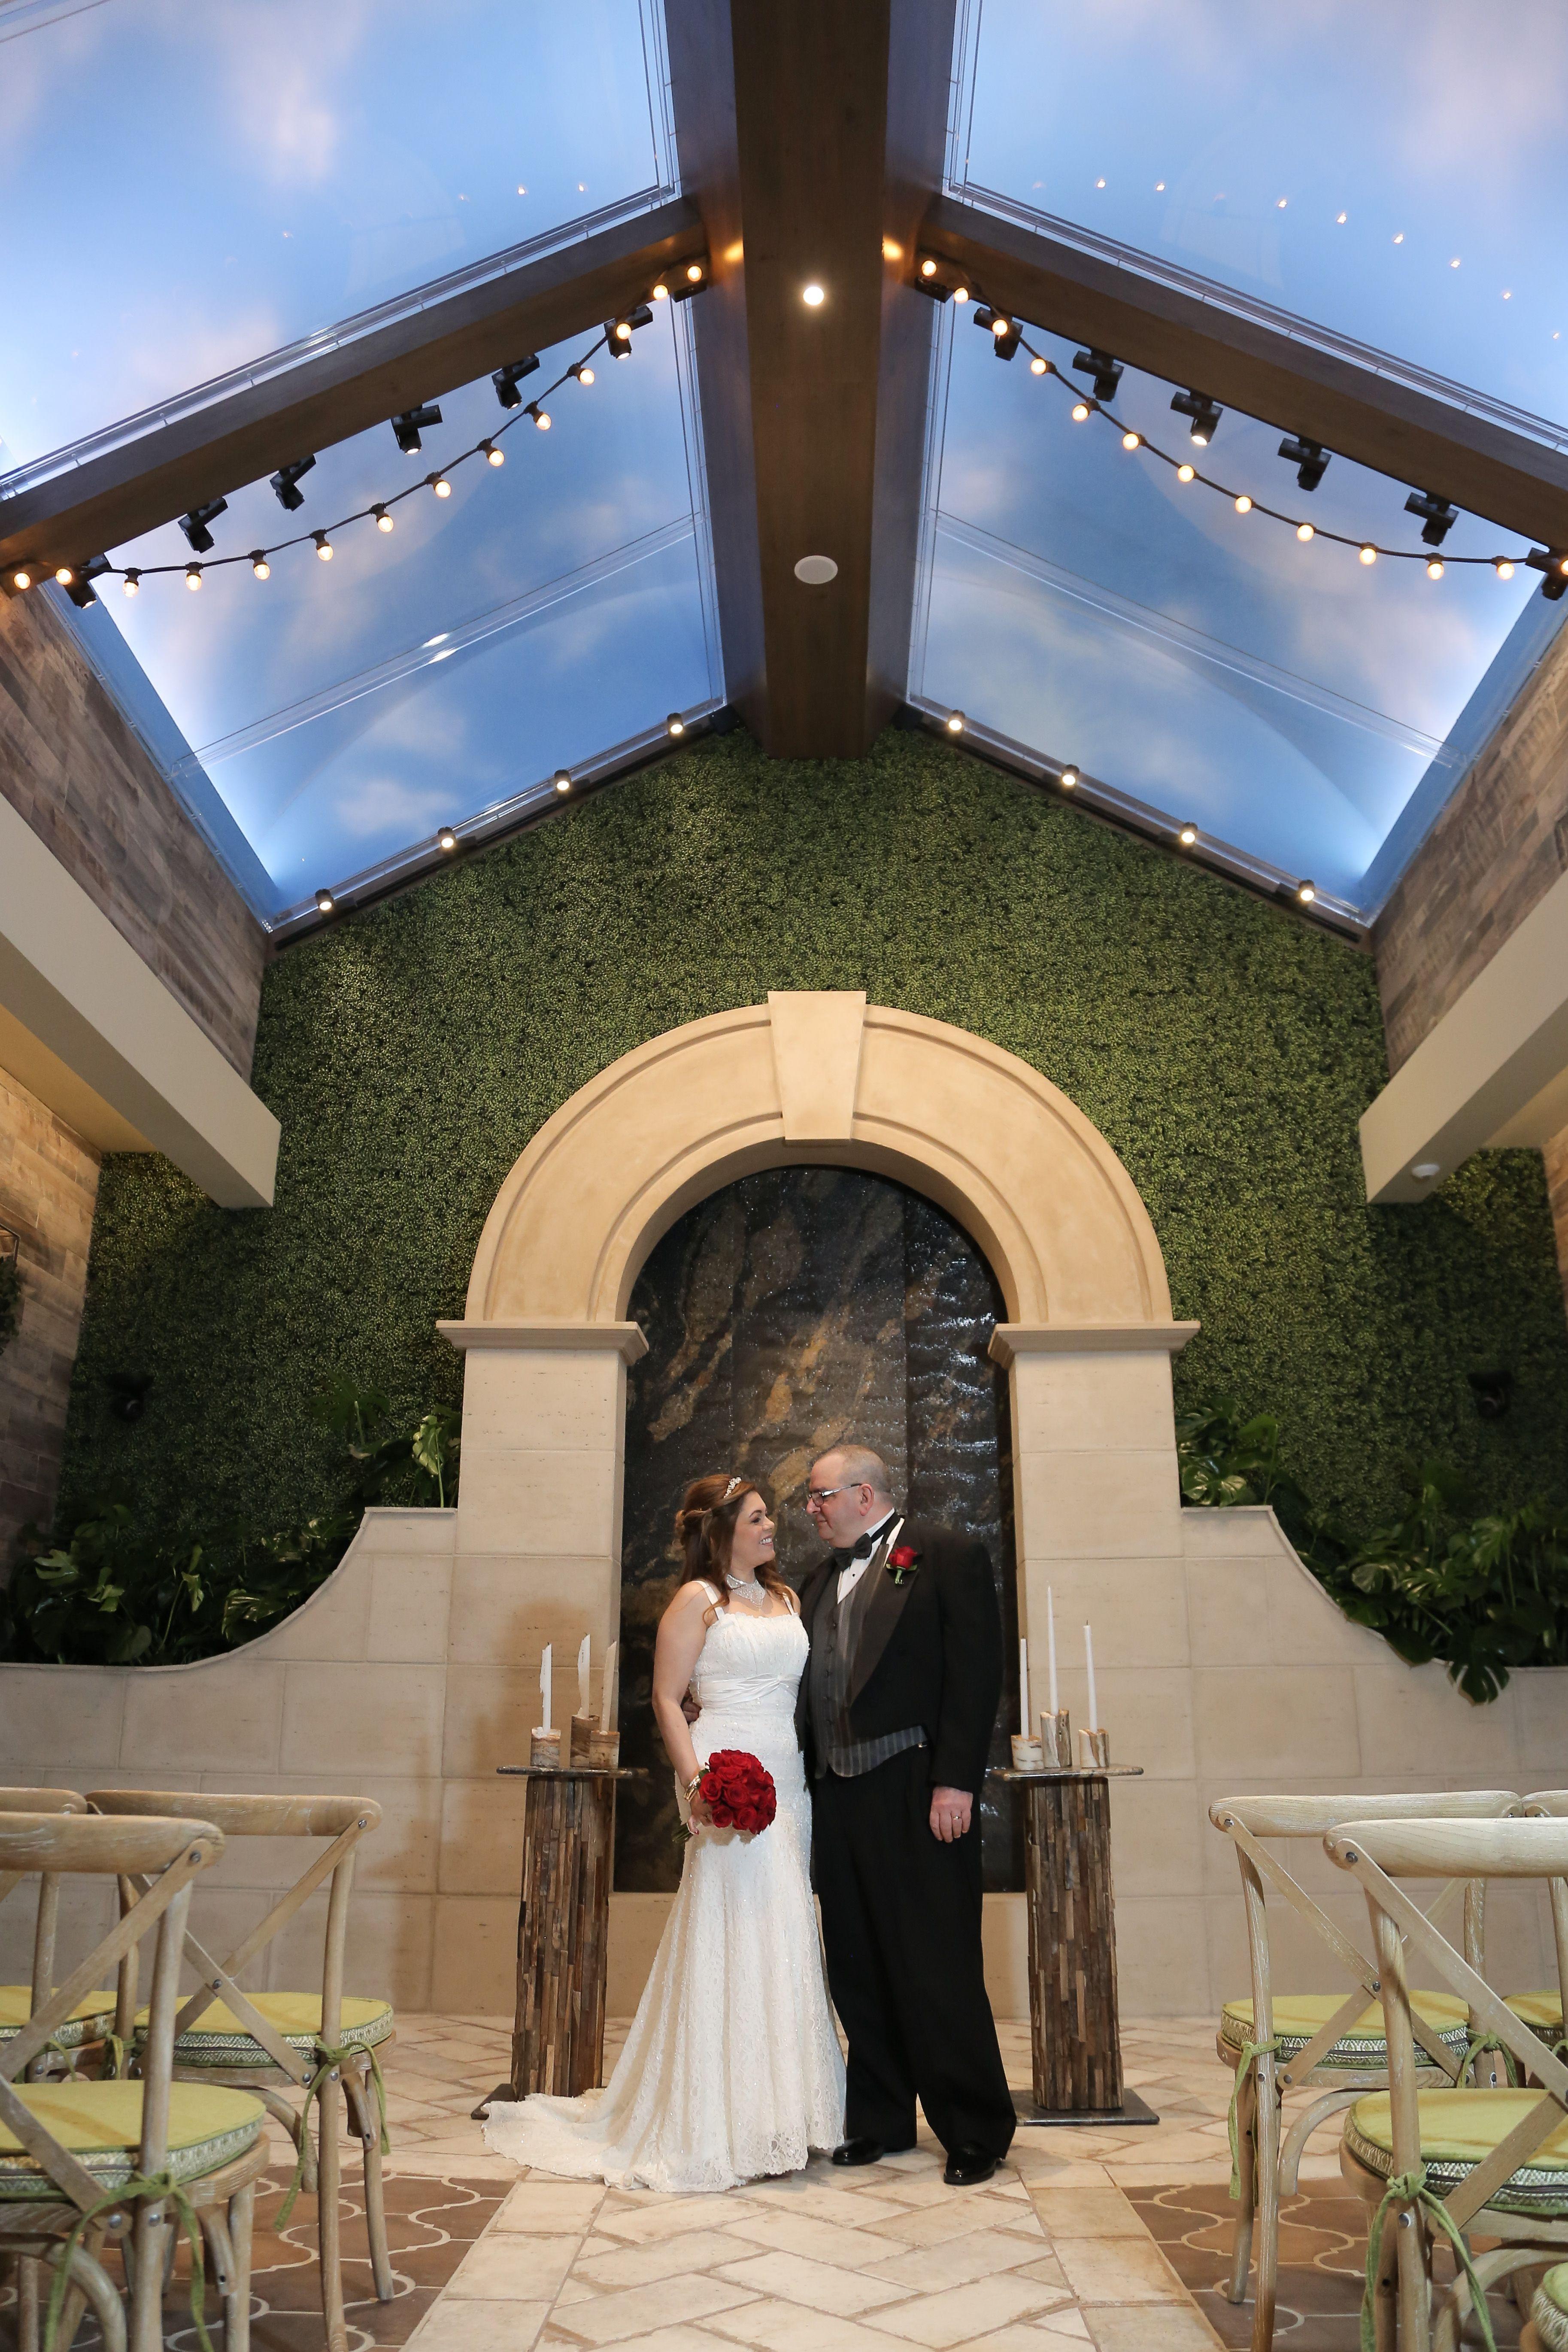 Romantic Wedding Venue Ideas In Las Vegas Garden Wedding Venue Indoor Wedding Chapel Rustic Chic Wedding Outdoor Las Vegas Wedding Las Vegas Wedding Chapel